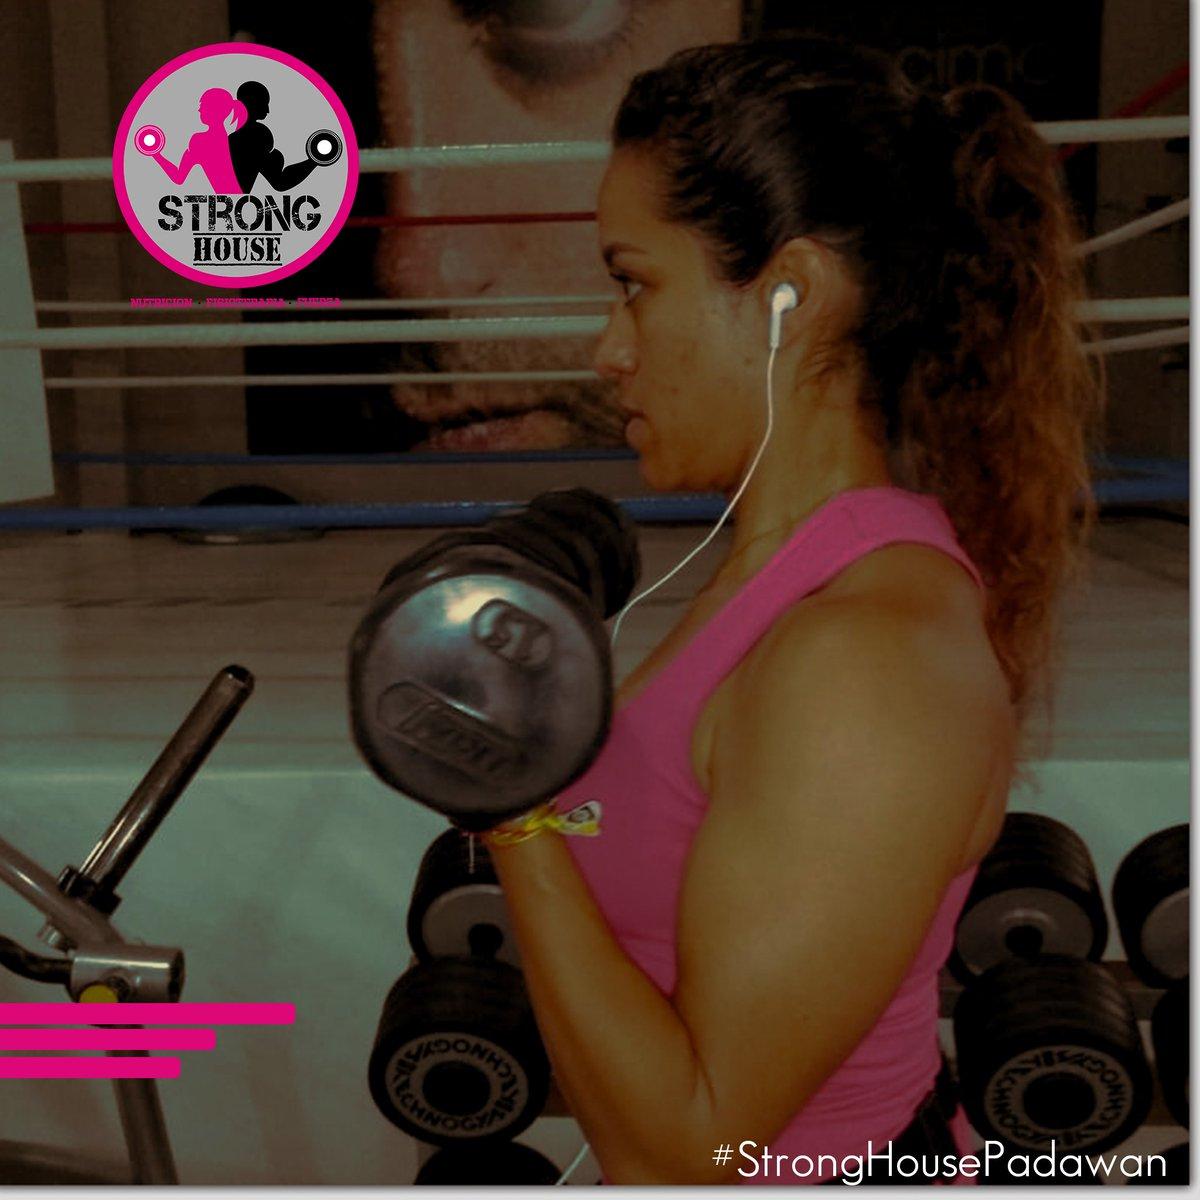 Inicio de Semana y Comenzando con Todas las Ganas del Mundo!! #SinLimites #StrongHousePadawan #Planes #Fuerza #Nutrición #bellezaNatural #EsfuerzoInteligente #Metas http://stronghouse.com.mx info@stronghouse.com Tel. +(52) 55-36-64-70-46 StrongHouseOficial.pic.twitter.com/ji9ZEV6rbg